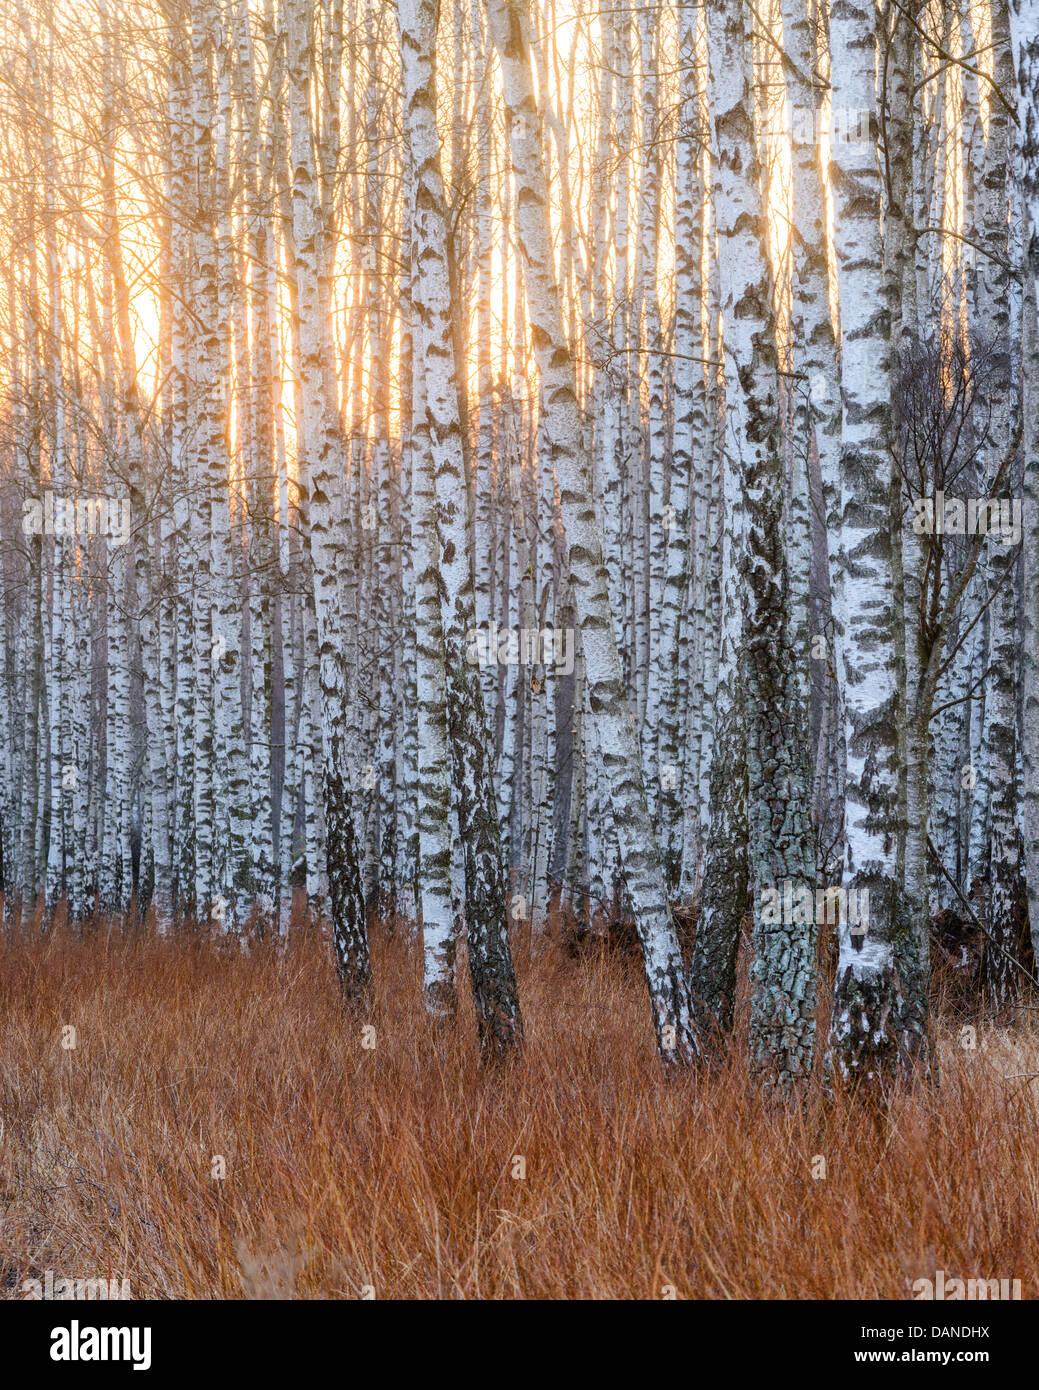 Birch trees, Gunnebo, Mölndal, Sweden - Stock Image